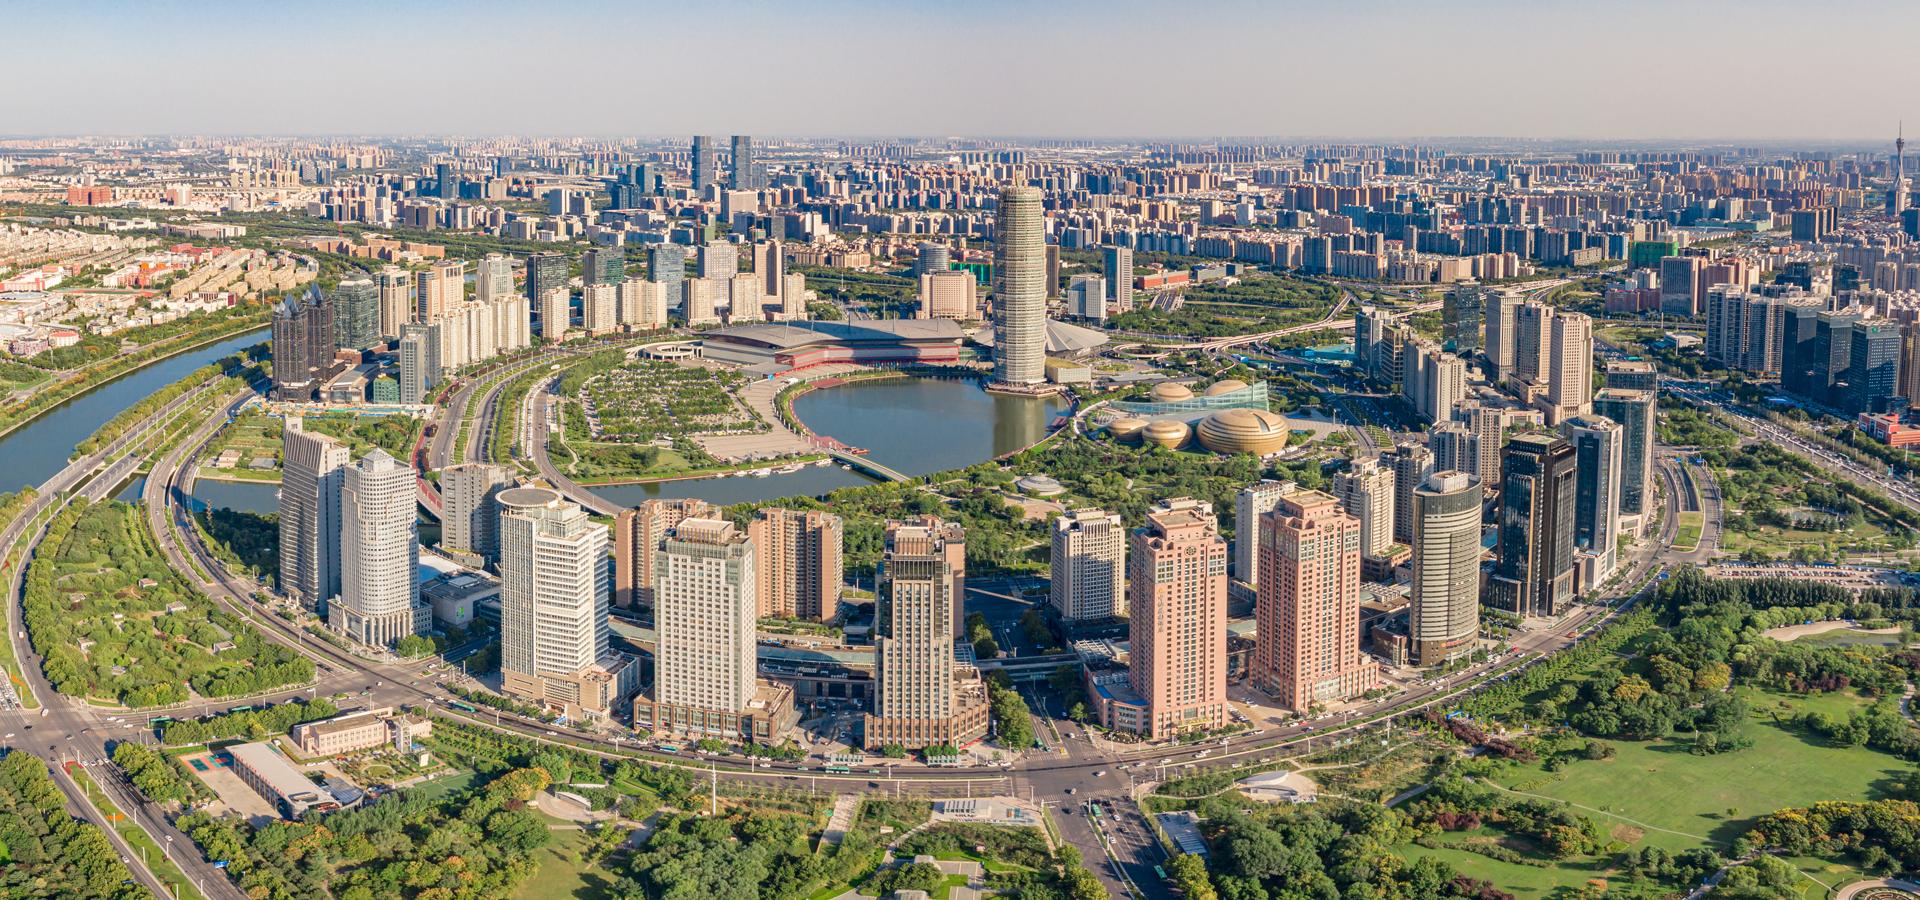 Zhengzhou CBD - Henan, China